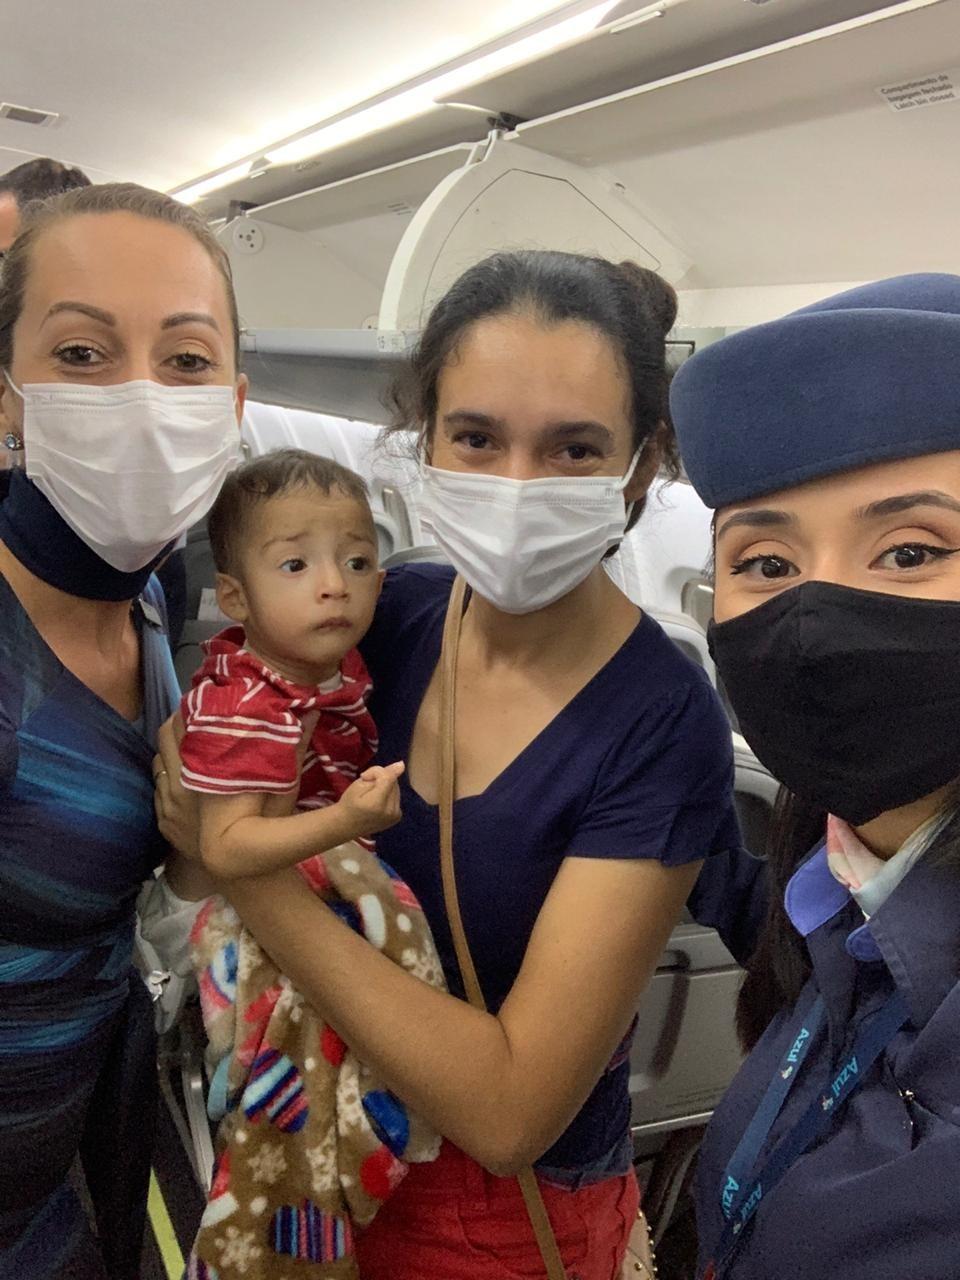 'Anjos que cruzaram meu caminho', diz mãe que recebeu doação de passageiros em voo com o filho doente